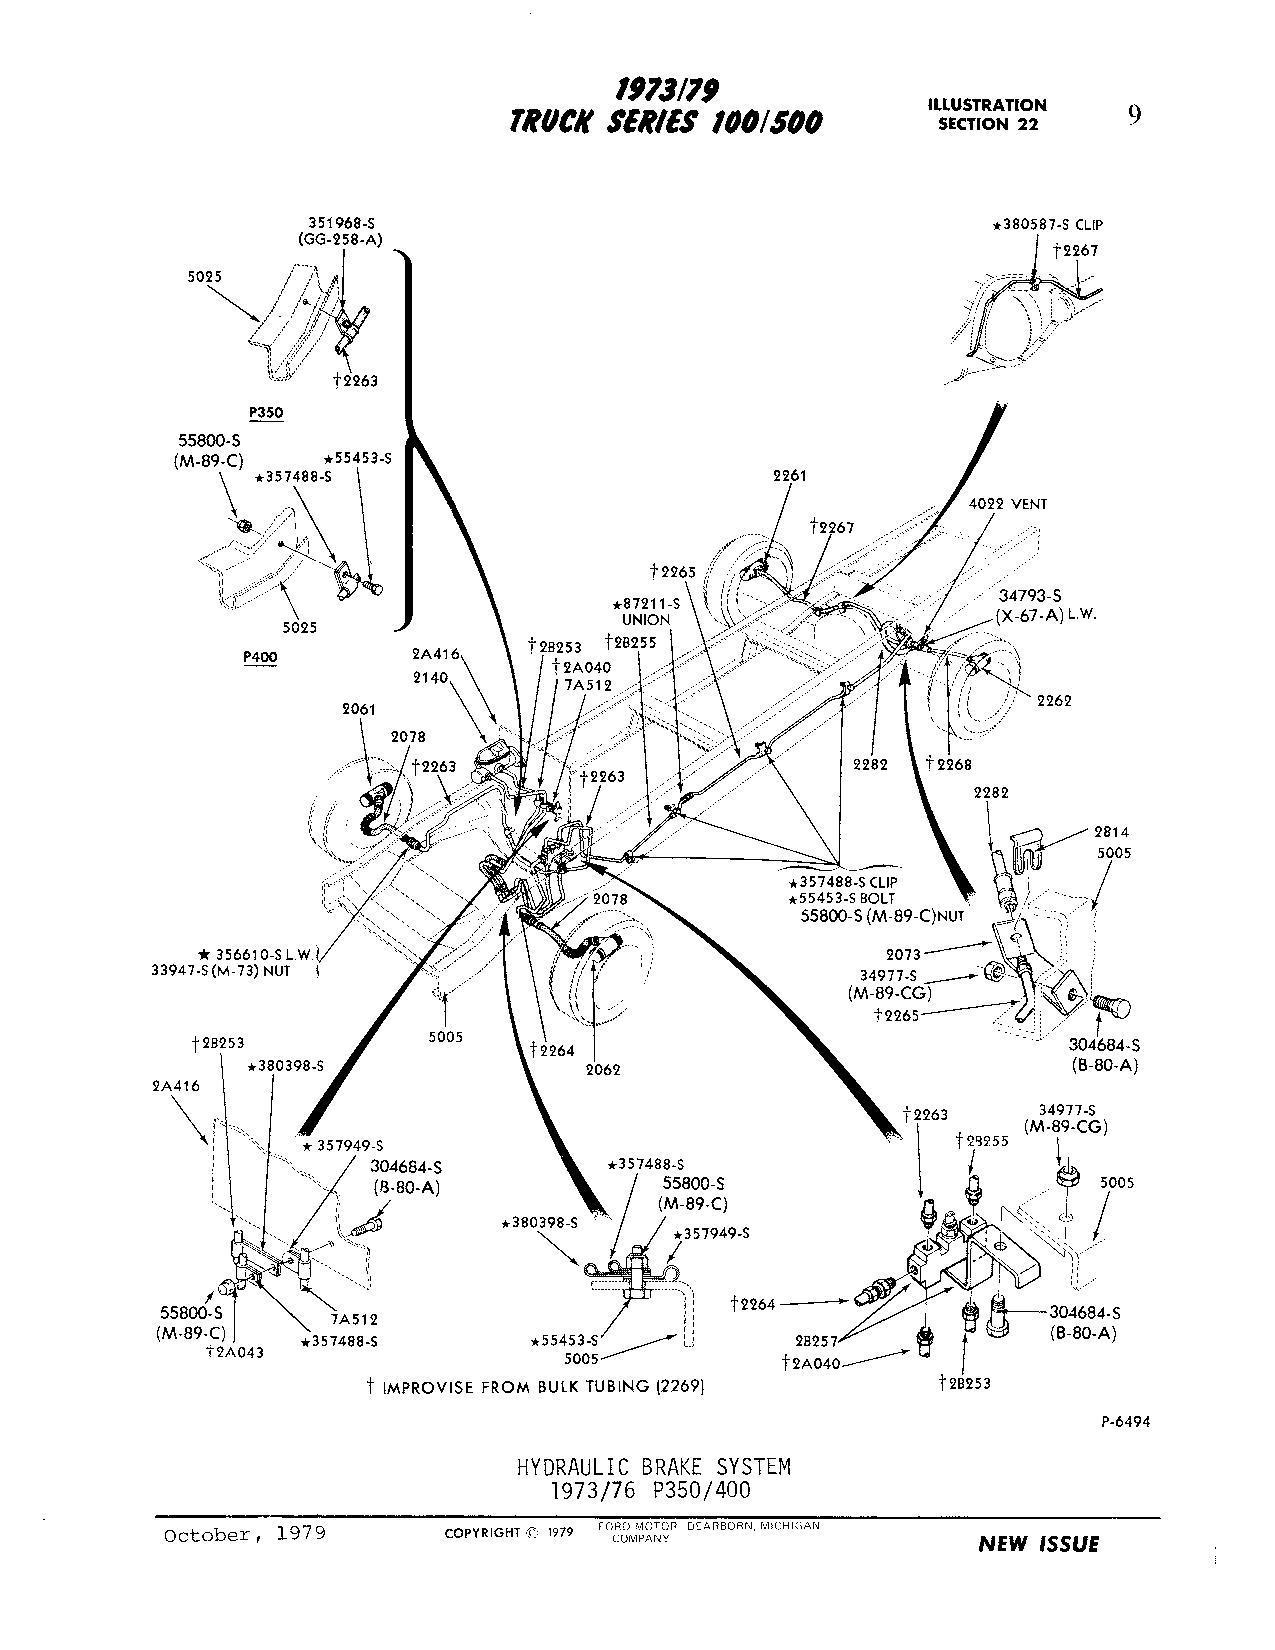 Replacing Brake Pressure Differential Valve